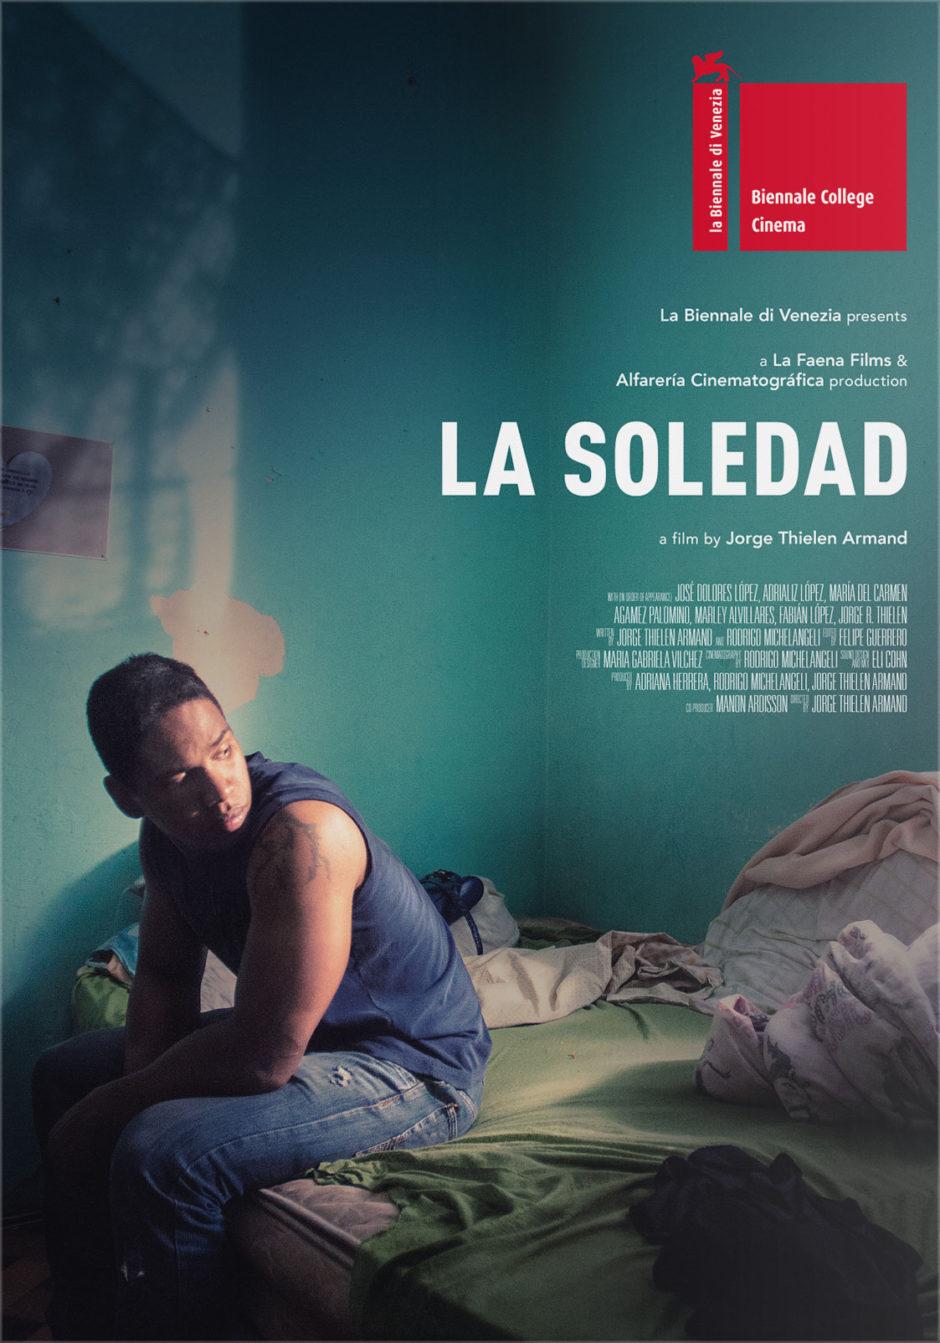 LaSoledad Poster